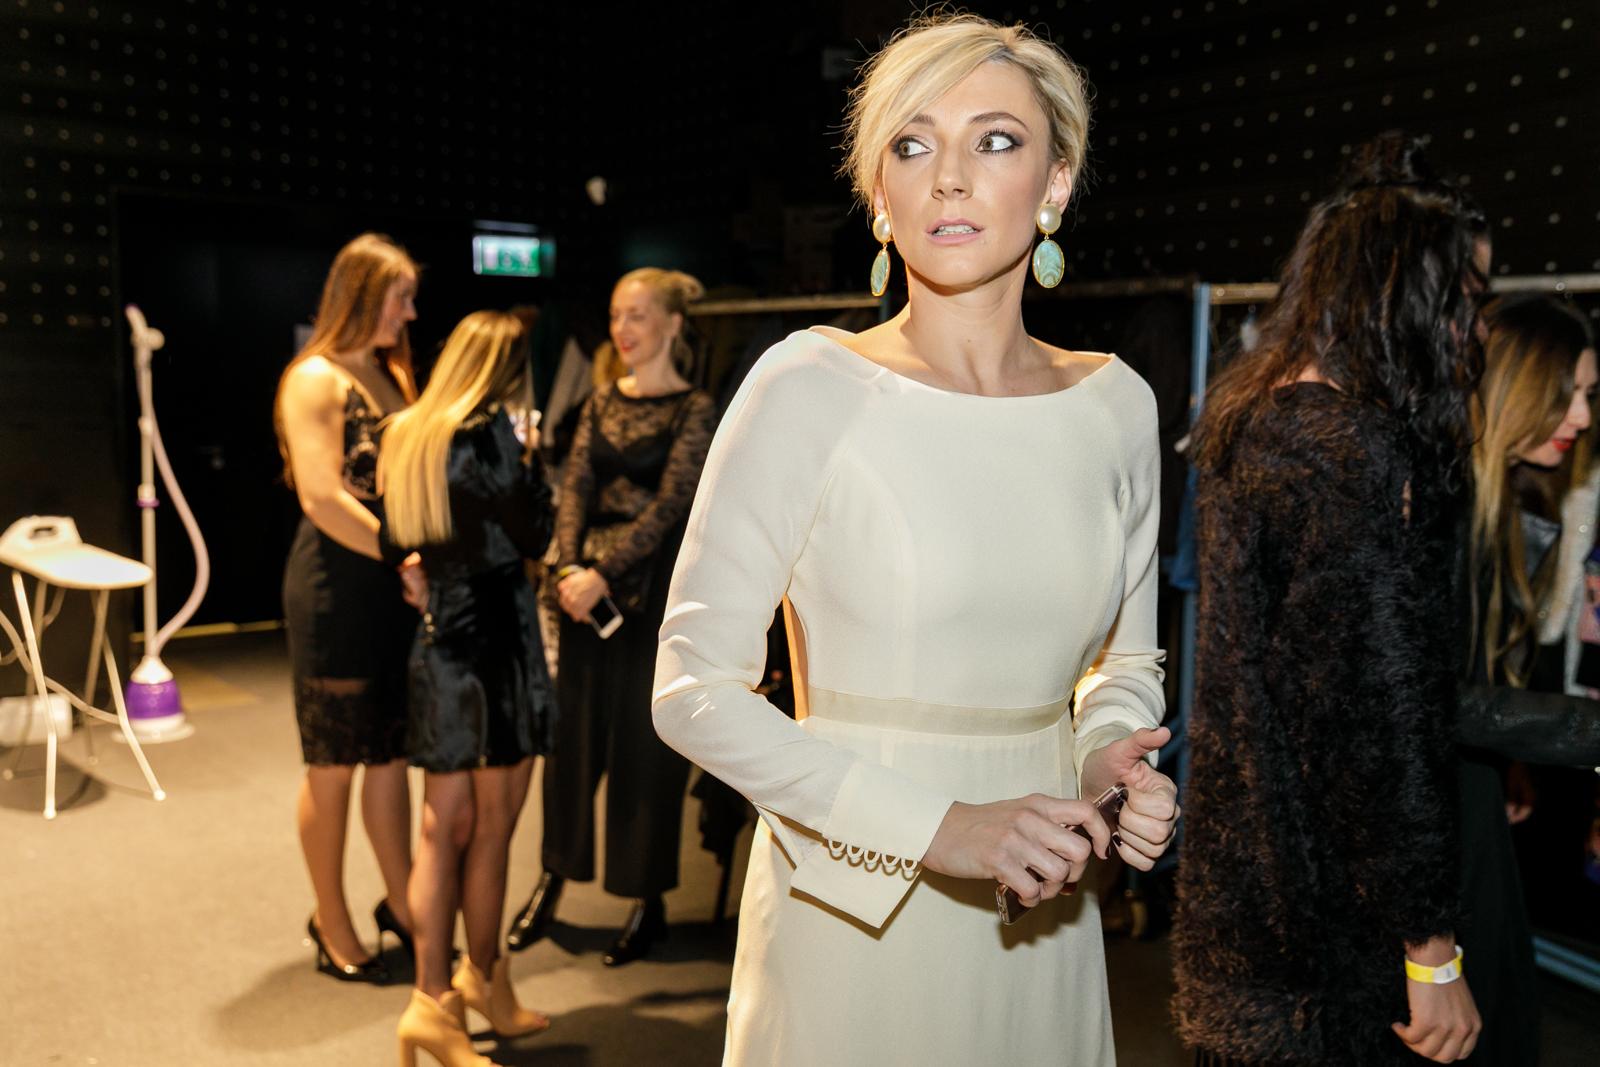 8. kép: Borbély Alexandra már a backstage-ben díva volt